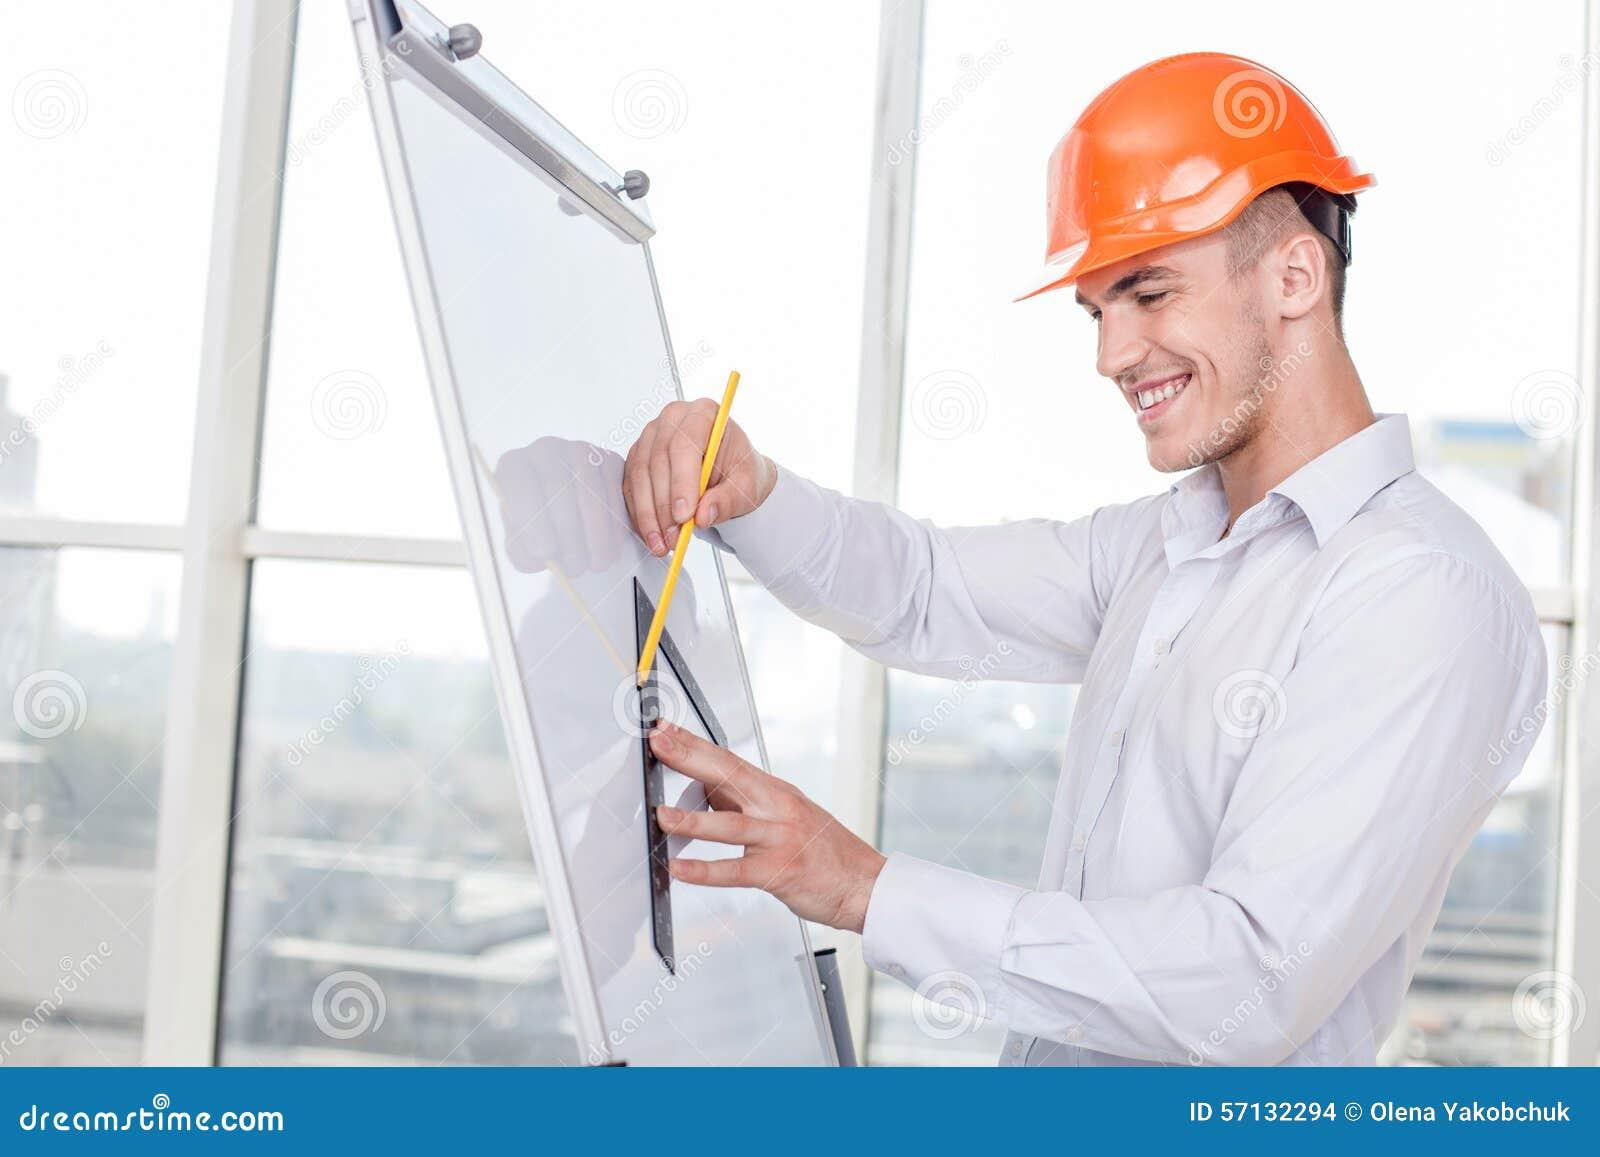 El arquitecto joven atractivo est trabajando en plan de for Trabajo de arquitecto